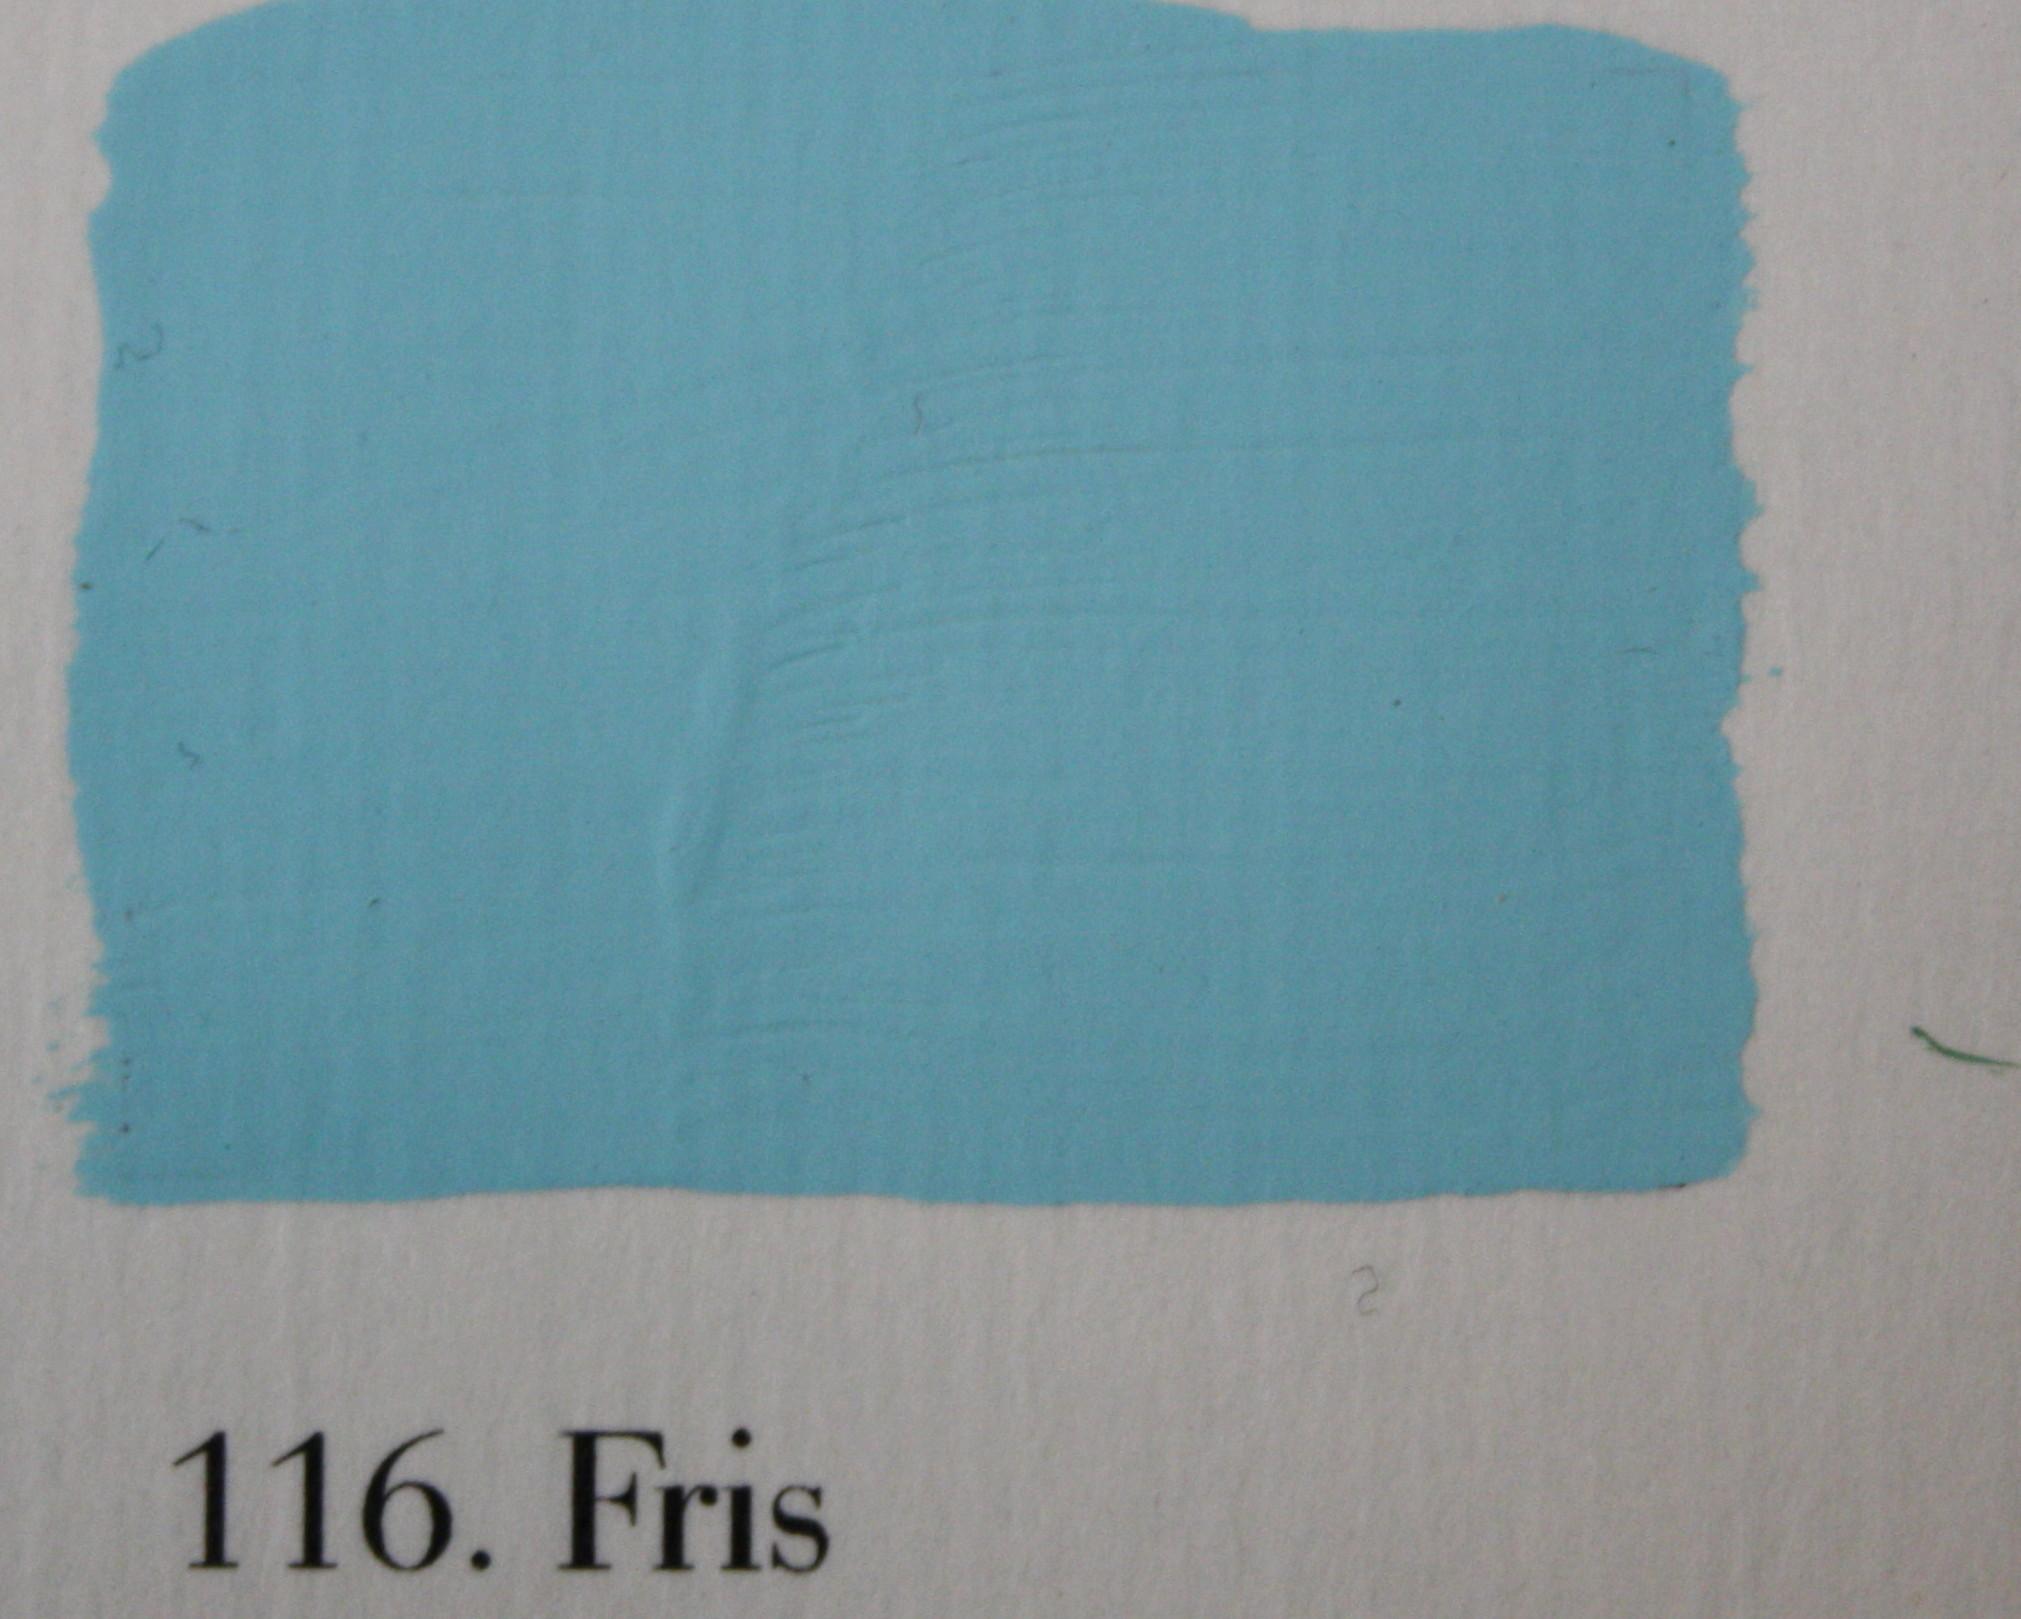 'l Authentique krijtverf 116. Fris